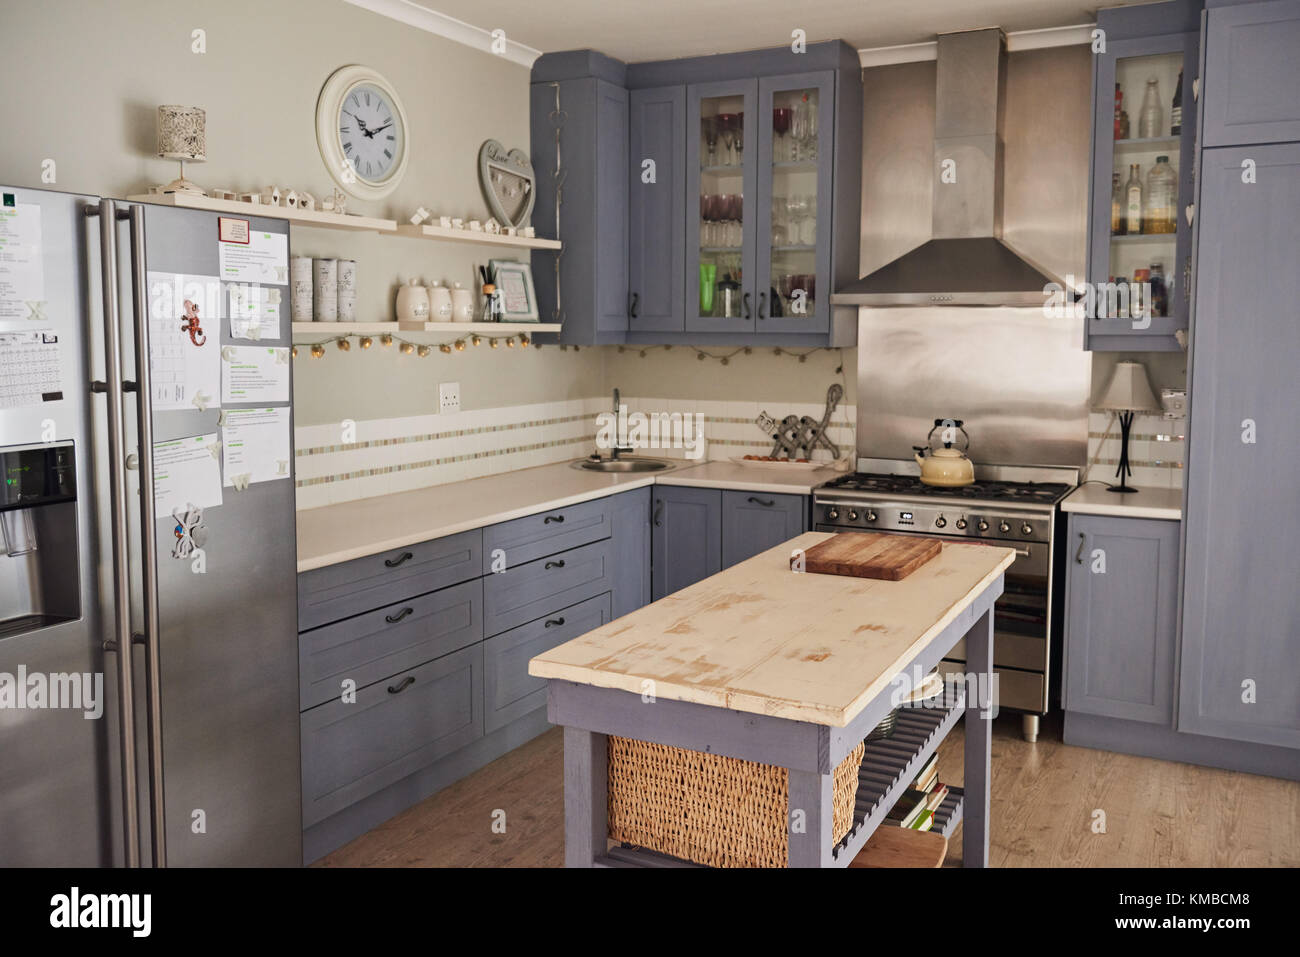 Kuche Im Landhausstil Mit Mit Einer Insel In Einem Haus Stockfoto